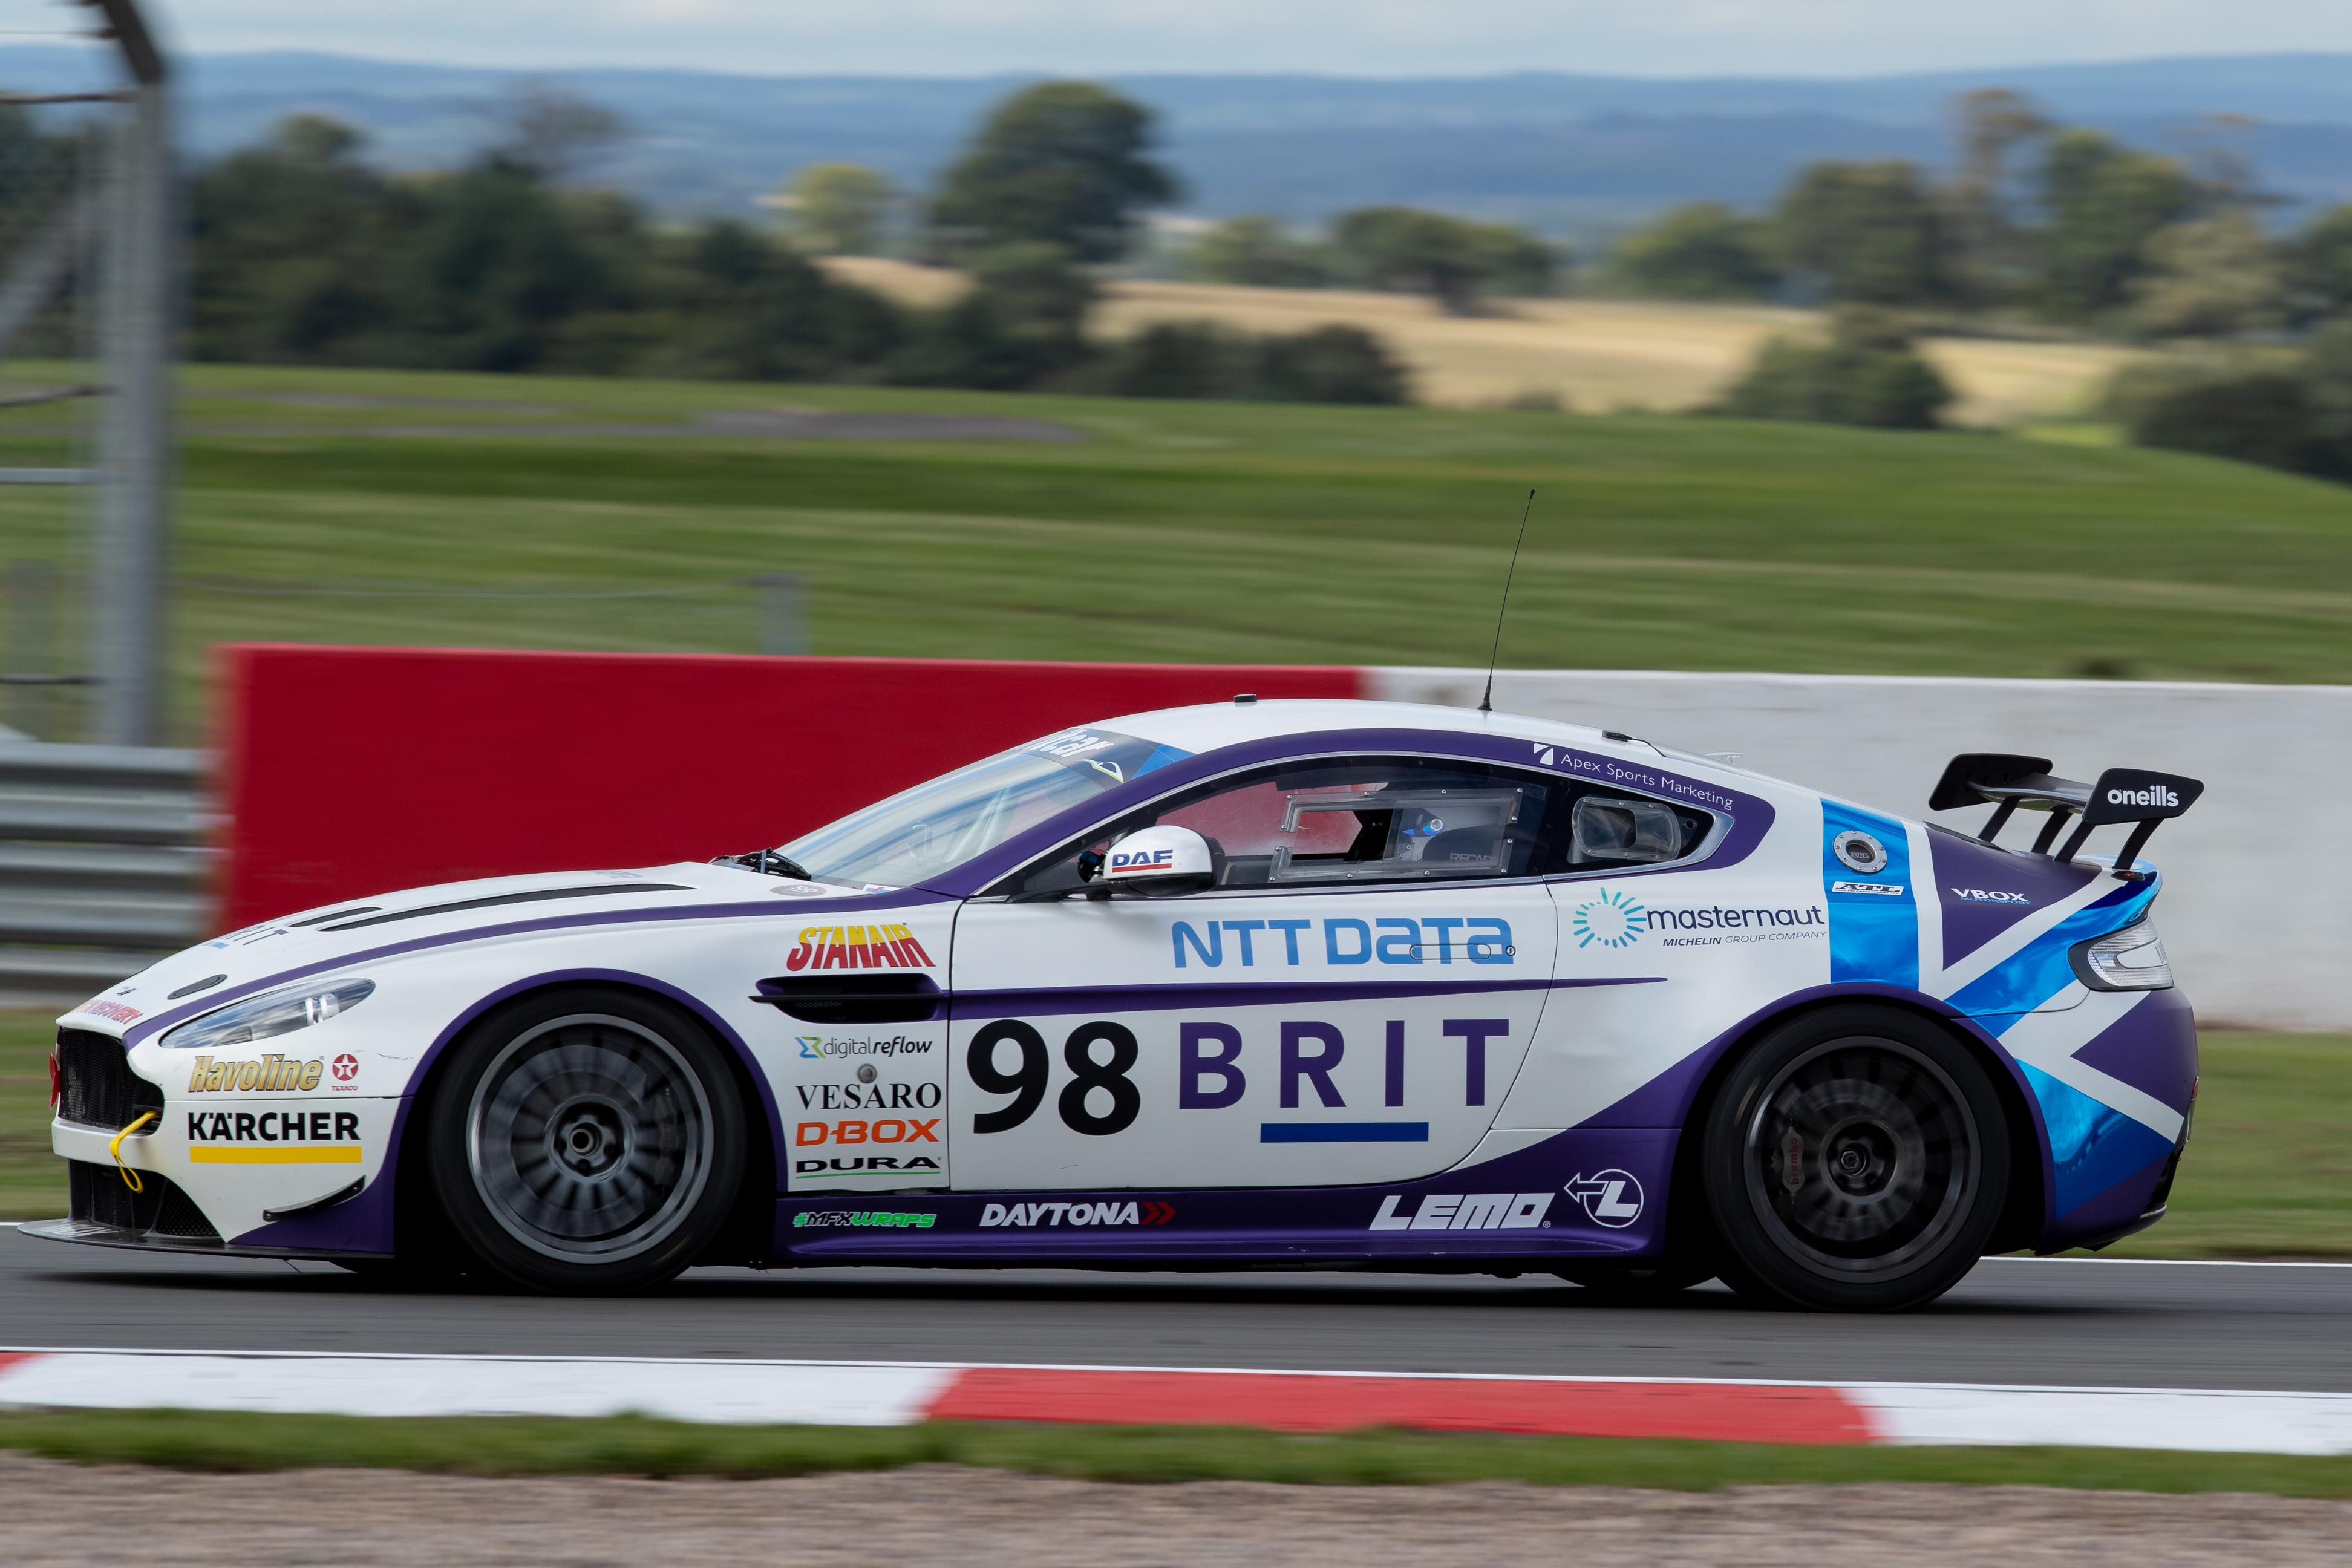 1093Team BRIT Aston Martin Vantage